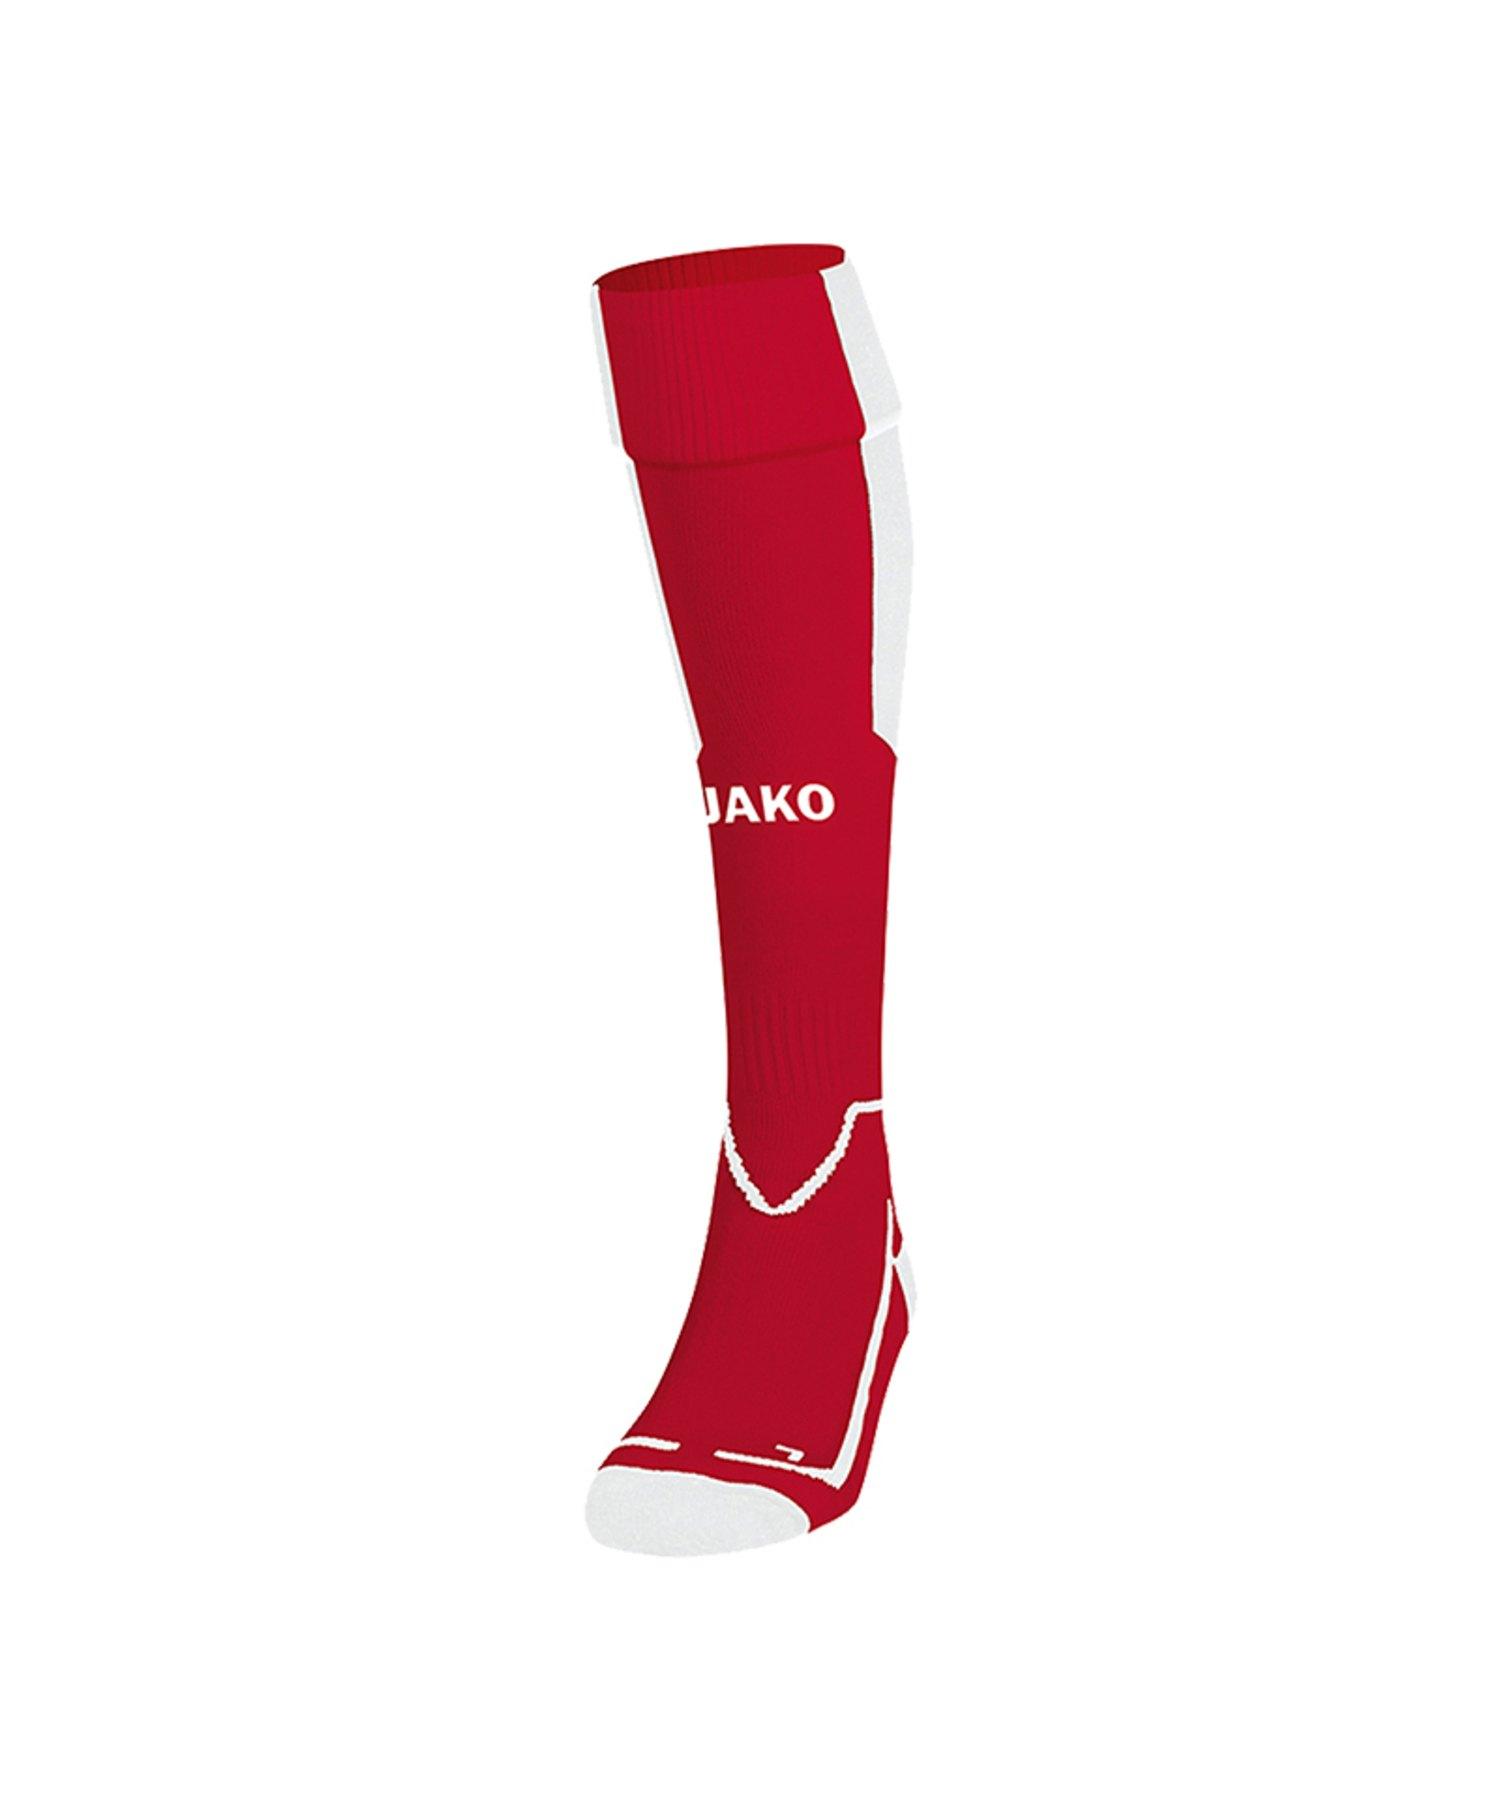 Jako Lazio Stutzenstrumpf Rot Weiss F11 - Rot